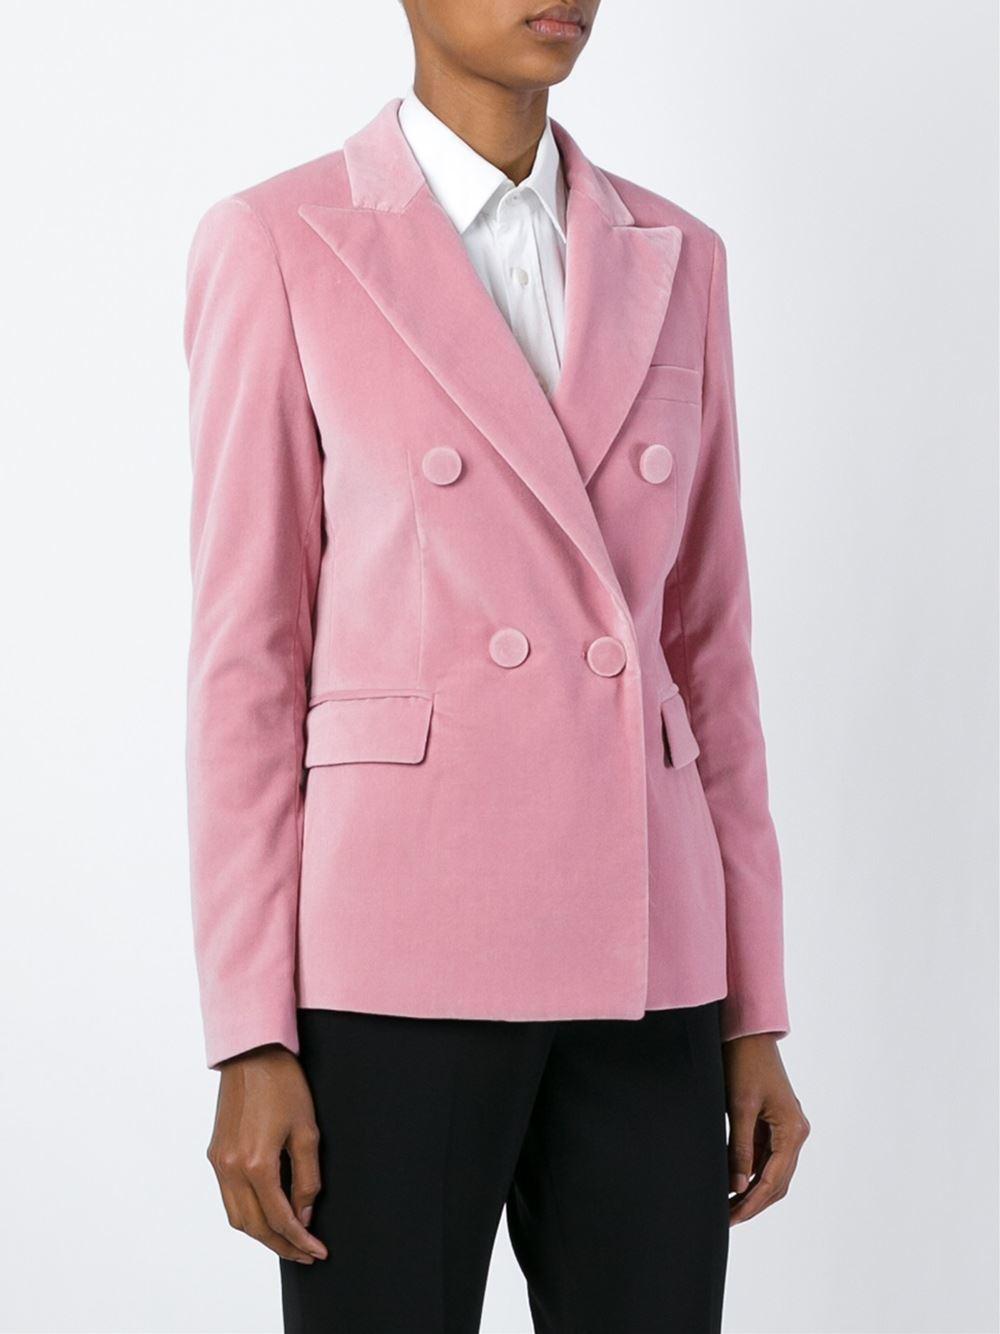 Msgm Peaked Lapels Velvet Blazer in Pink | Lyst